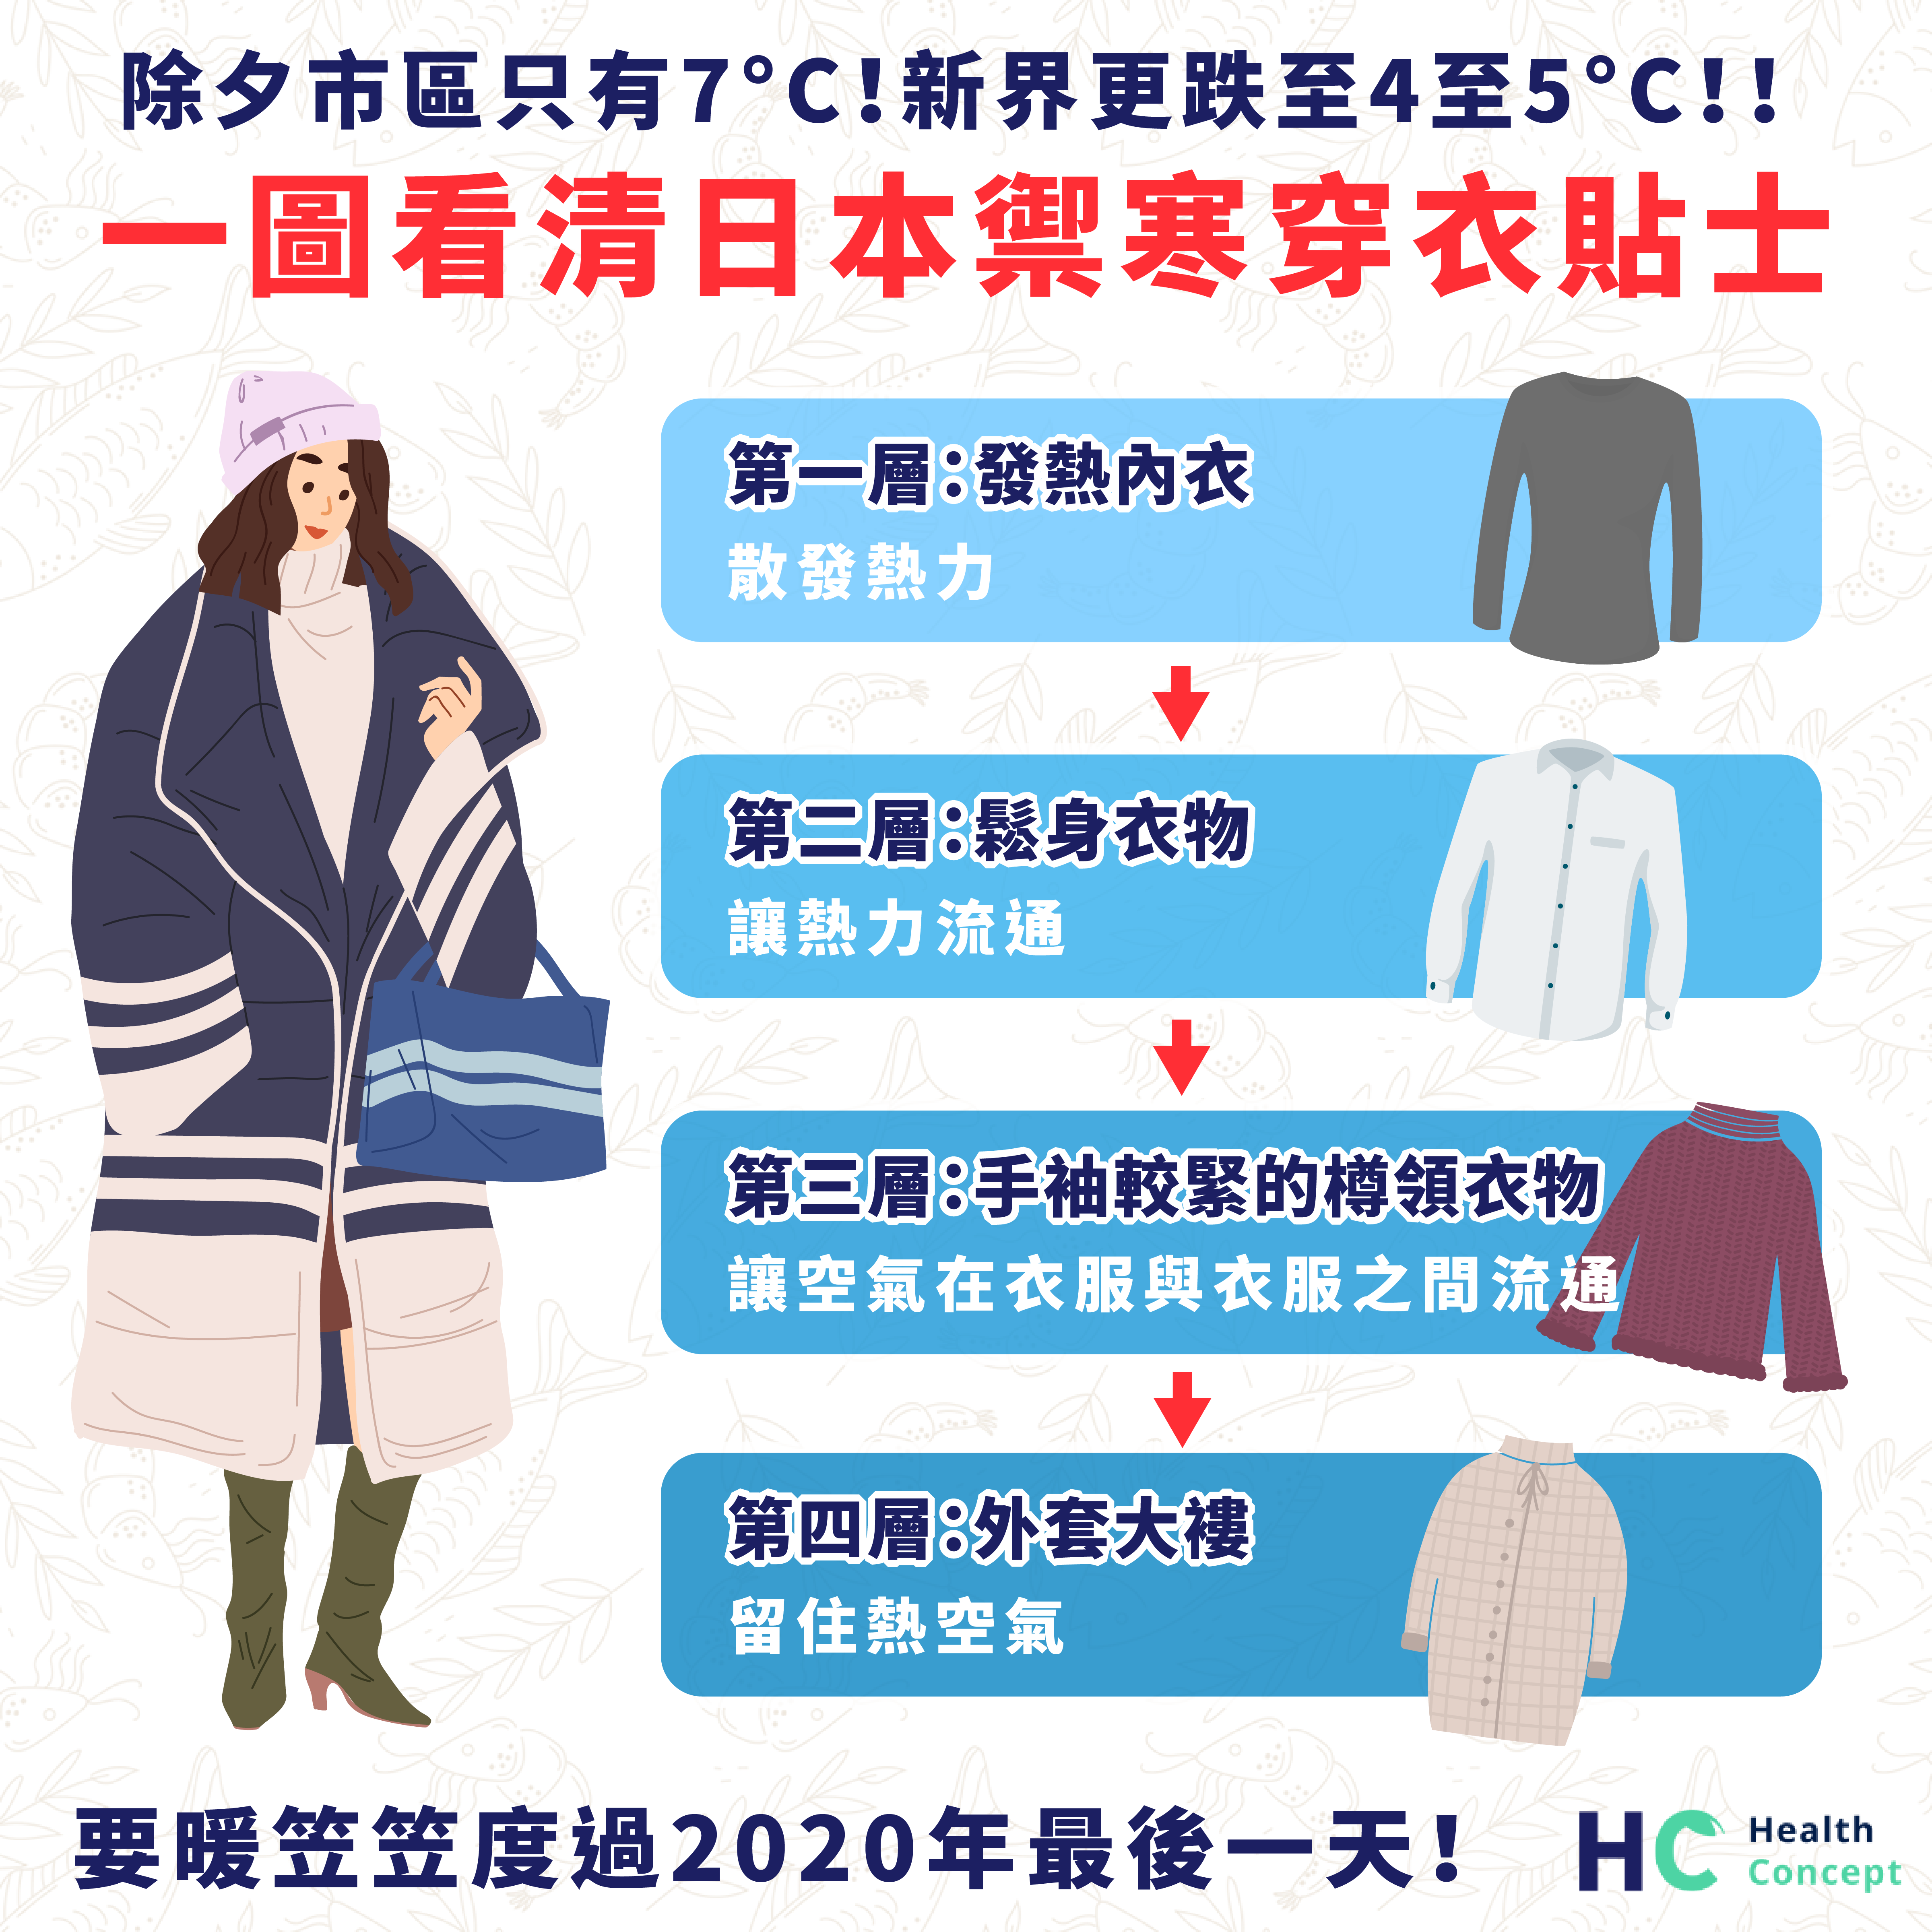 除夕市區只有7°C! 一圖看清日本禦寒穿衣貼士